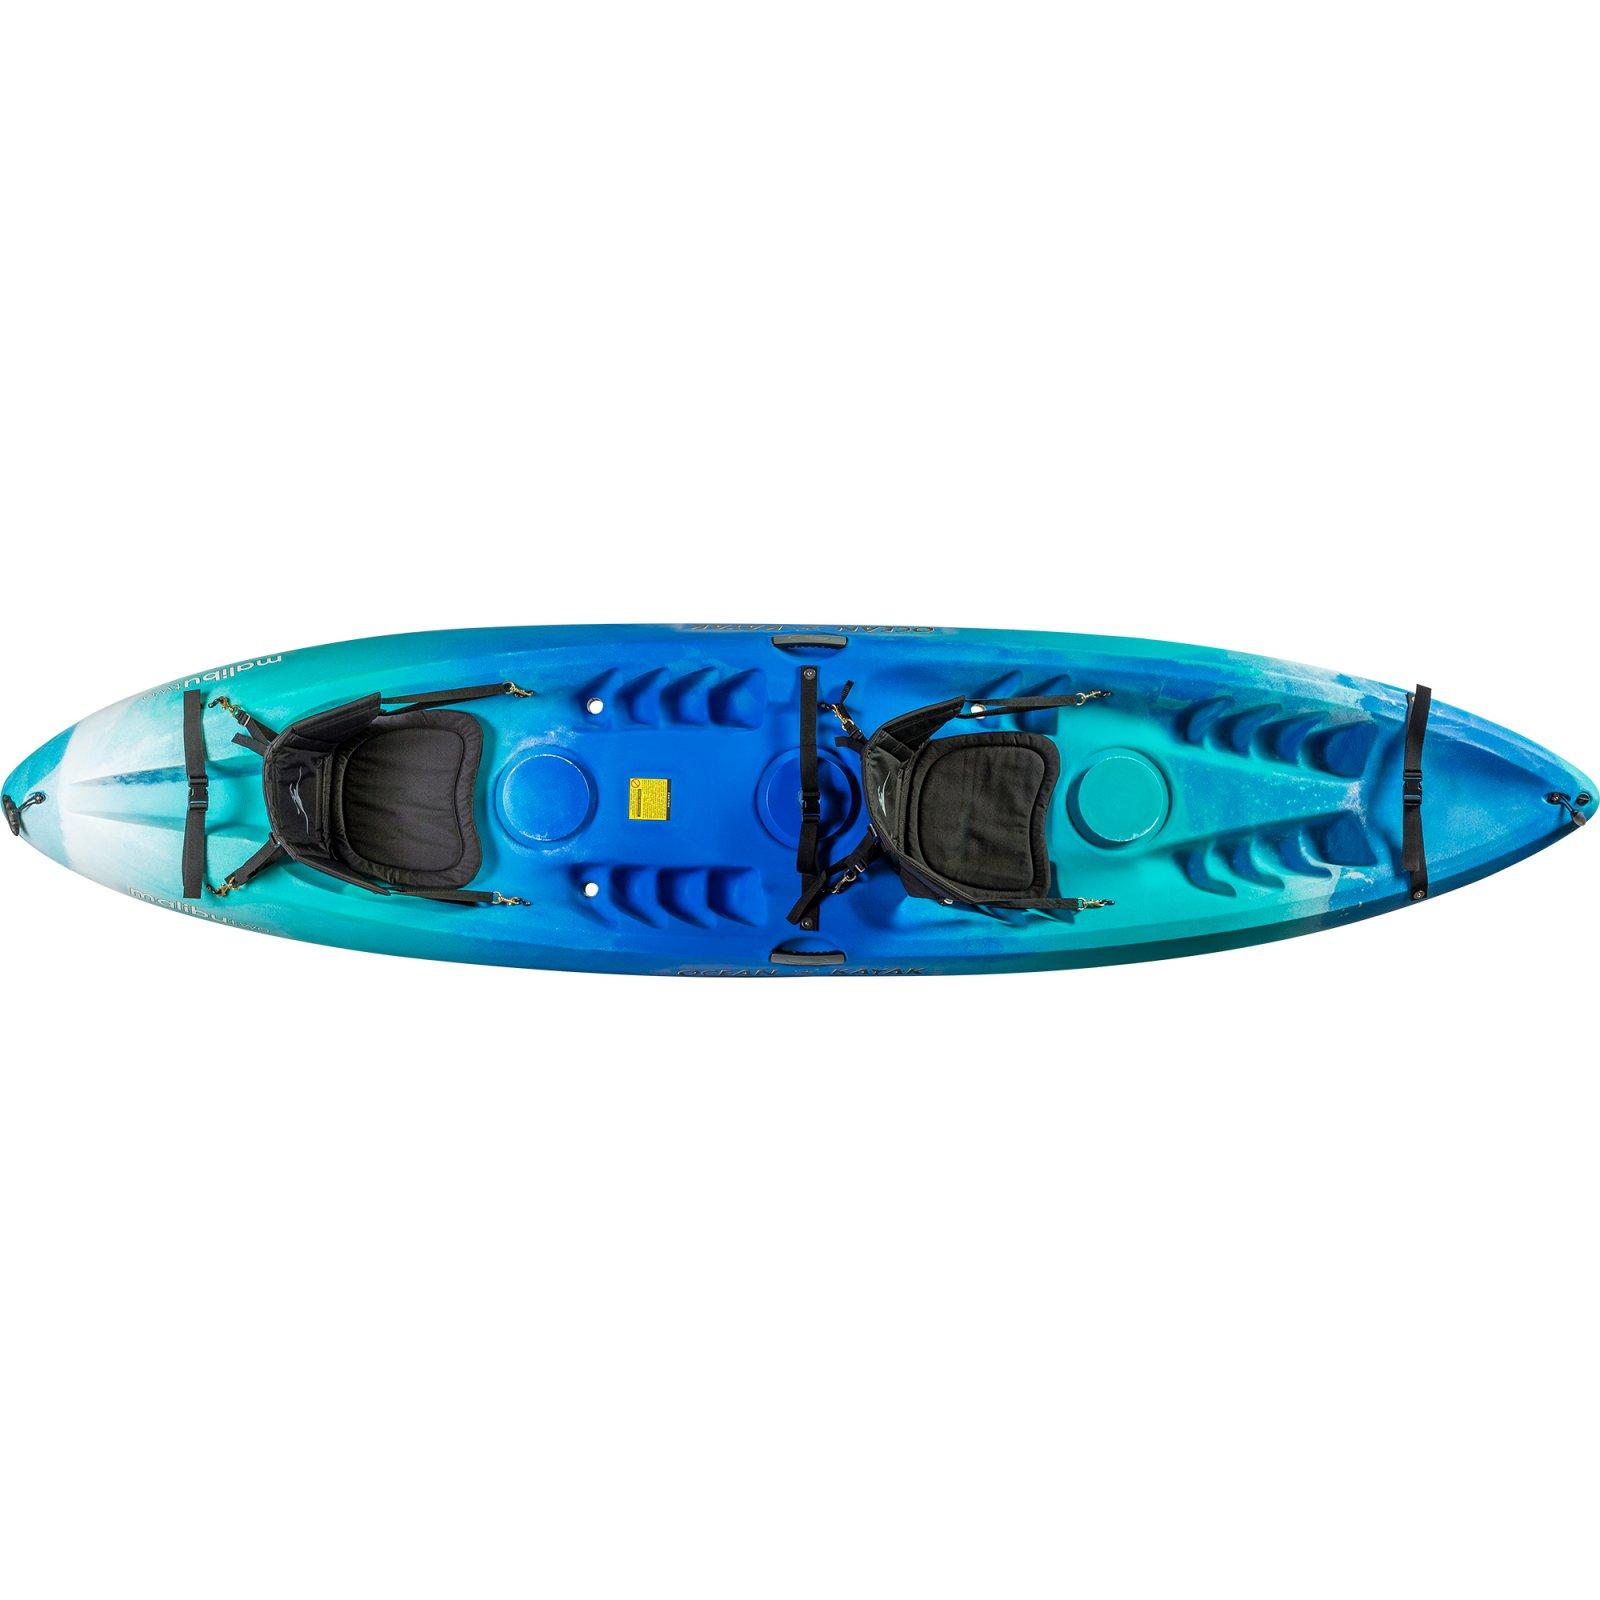 Ocean Kayak Malibu Two Sit-On-Top Kayak - Seaglass